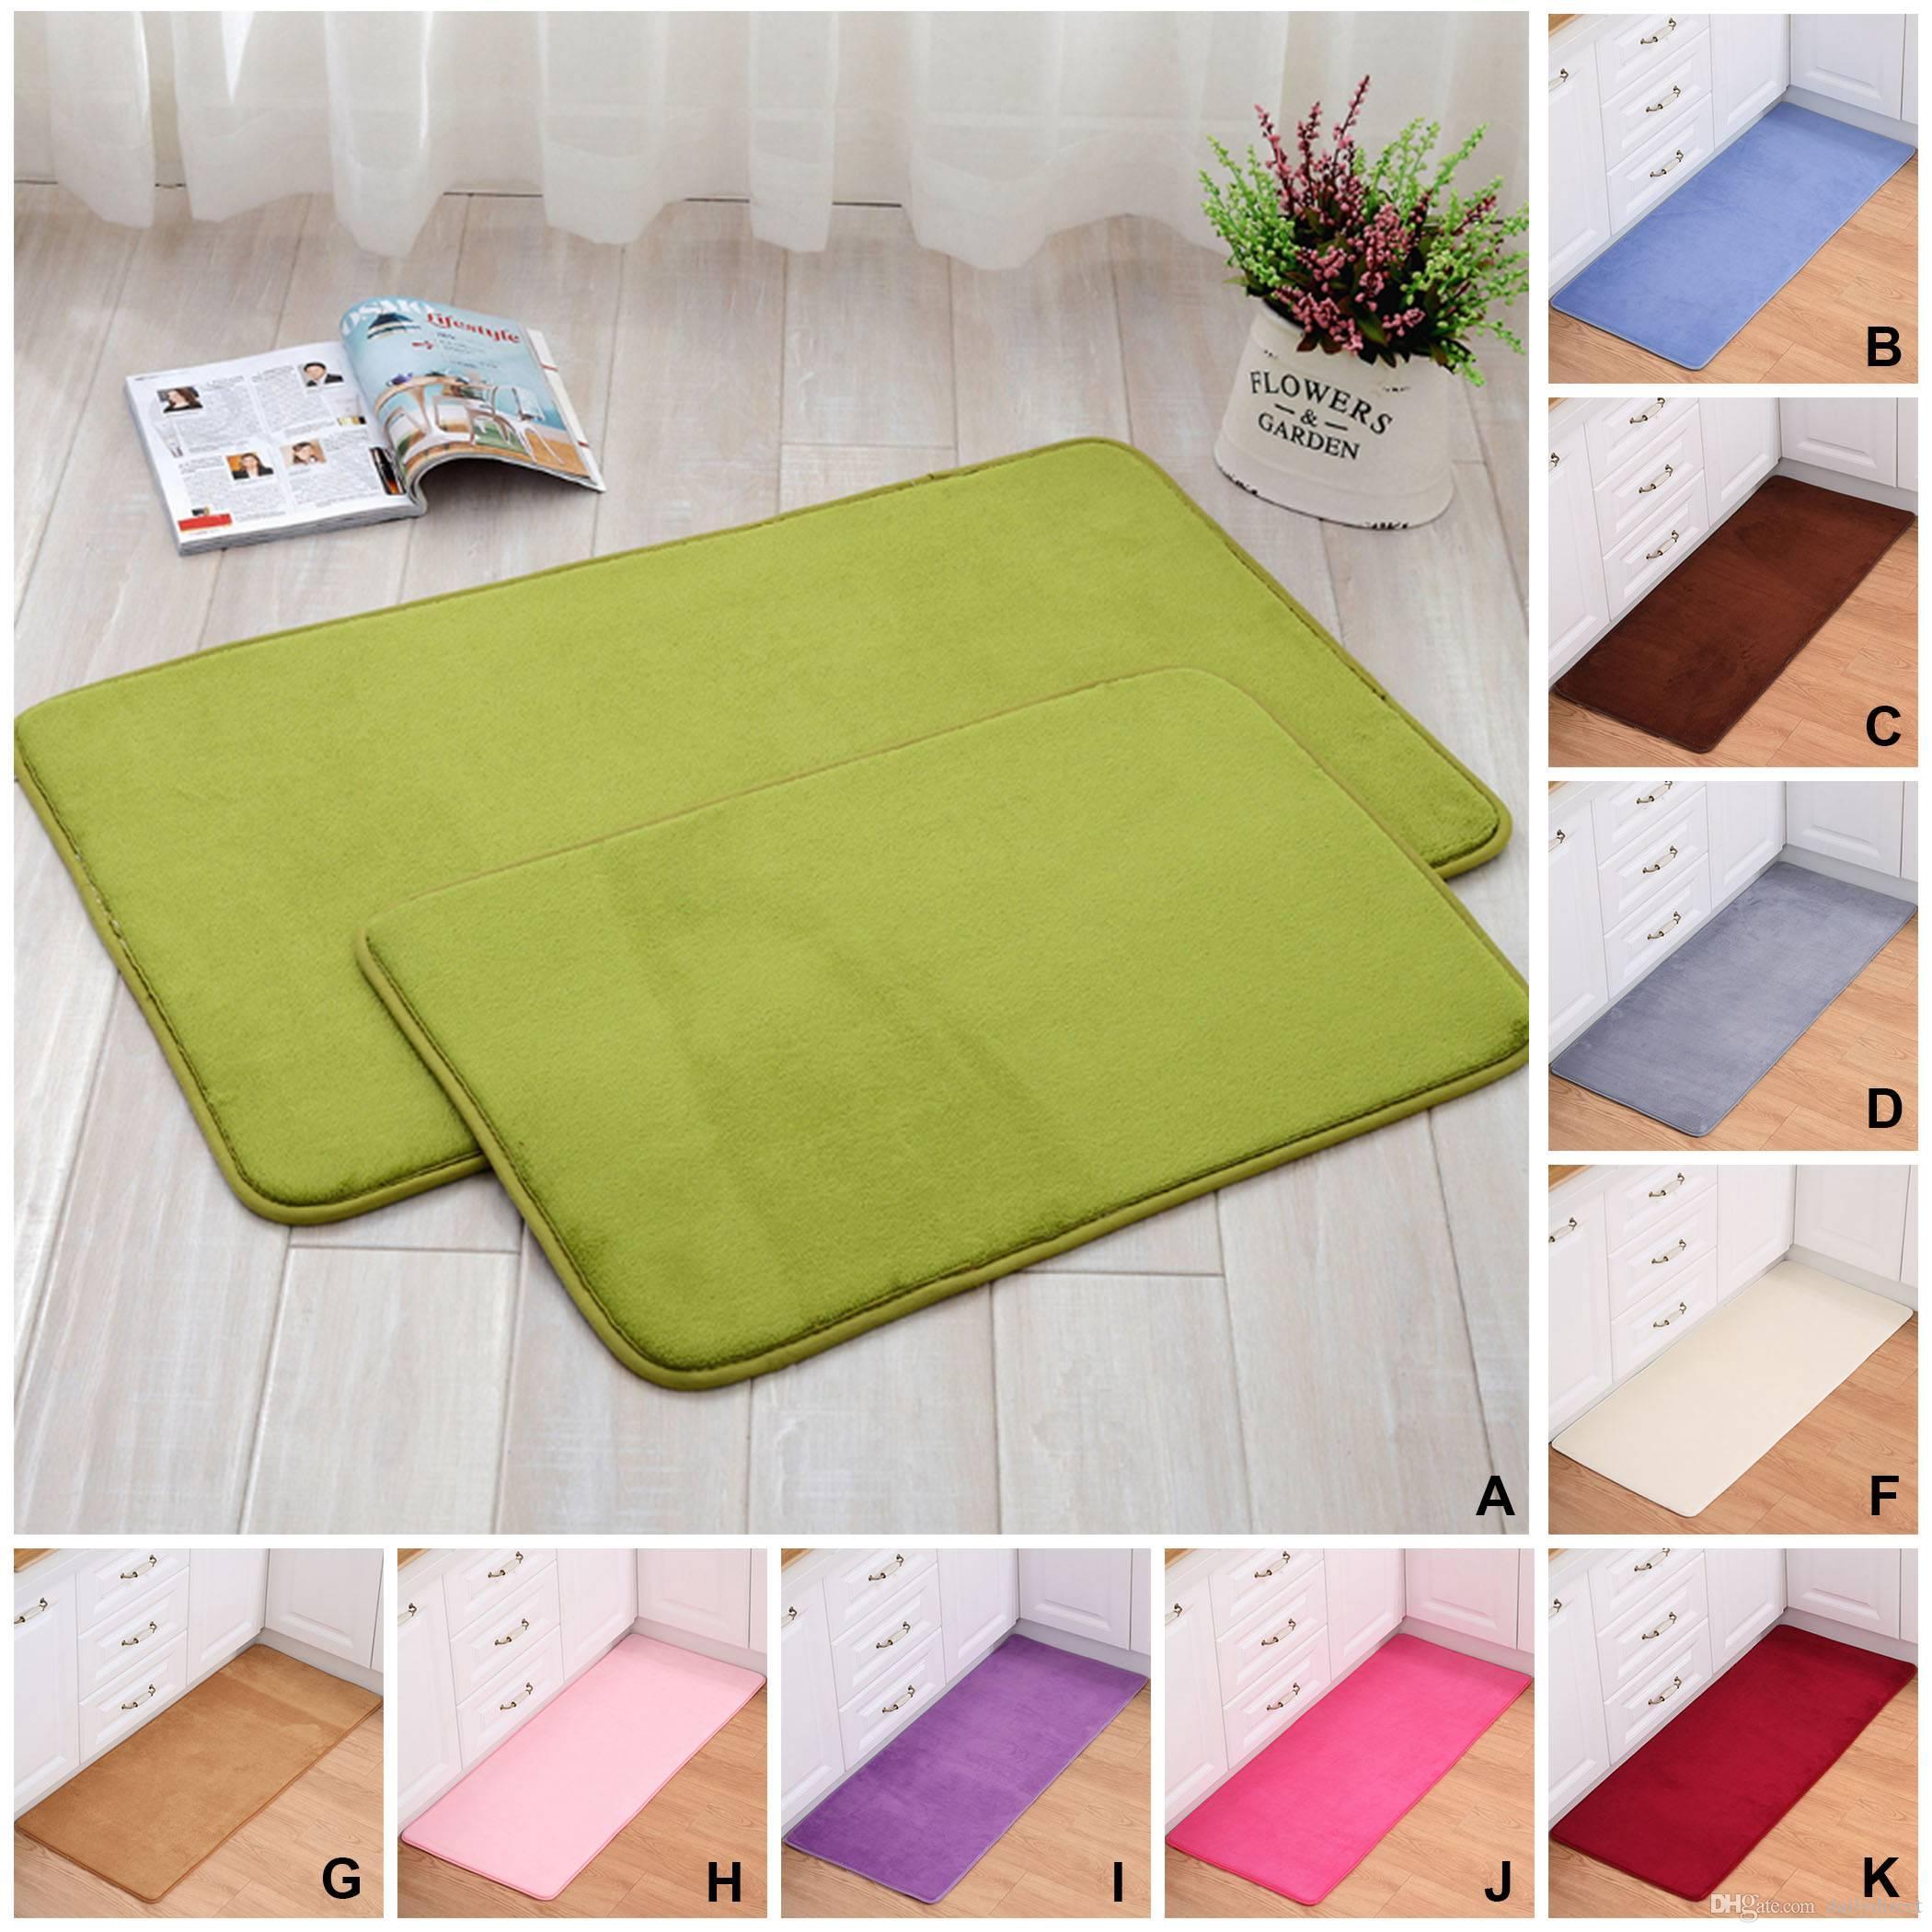 Arten Rectangle Teppiche dichten Flusen Teppich Badezimmer rutschfeste  Fitness Yoga Bodenmatte Drop Shipping